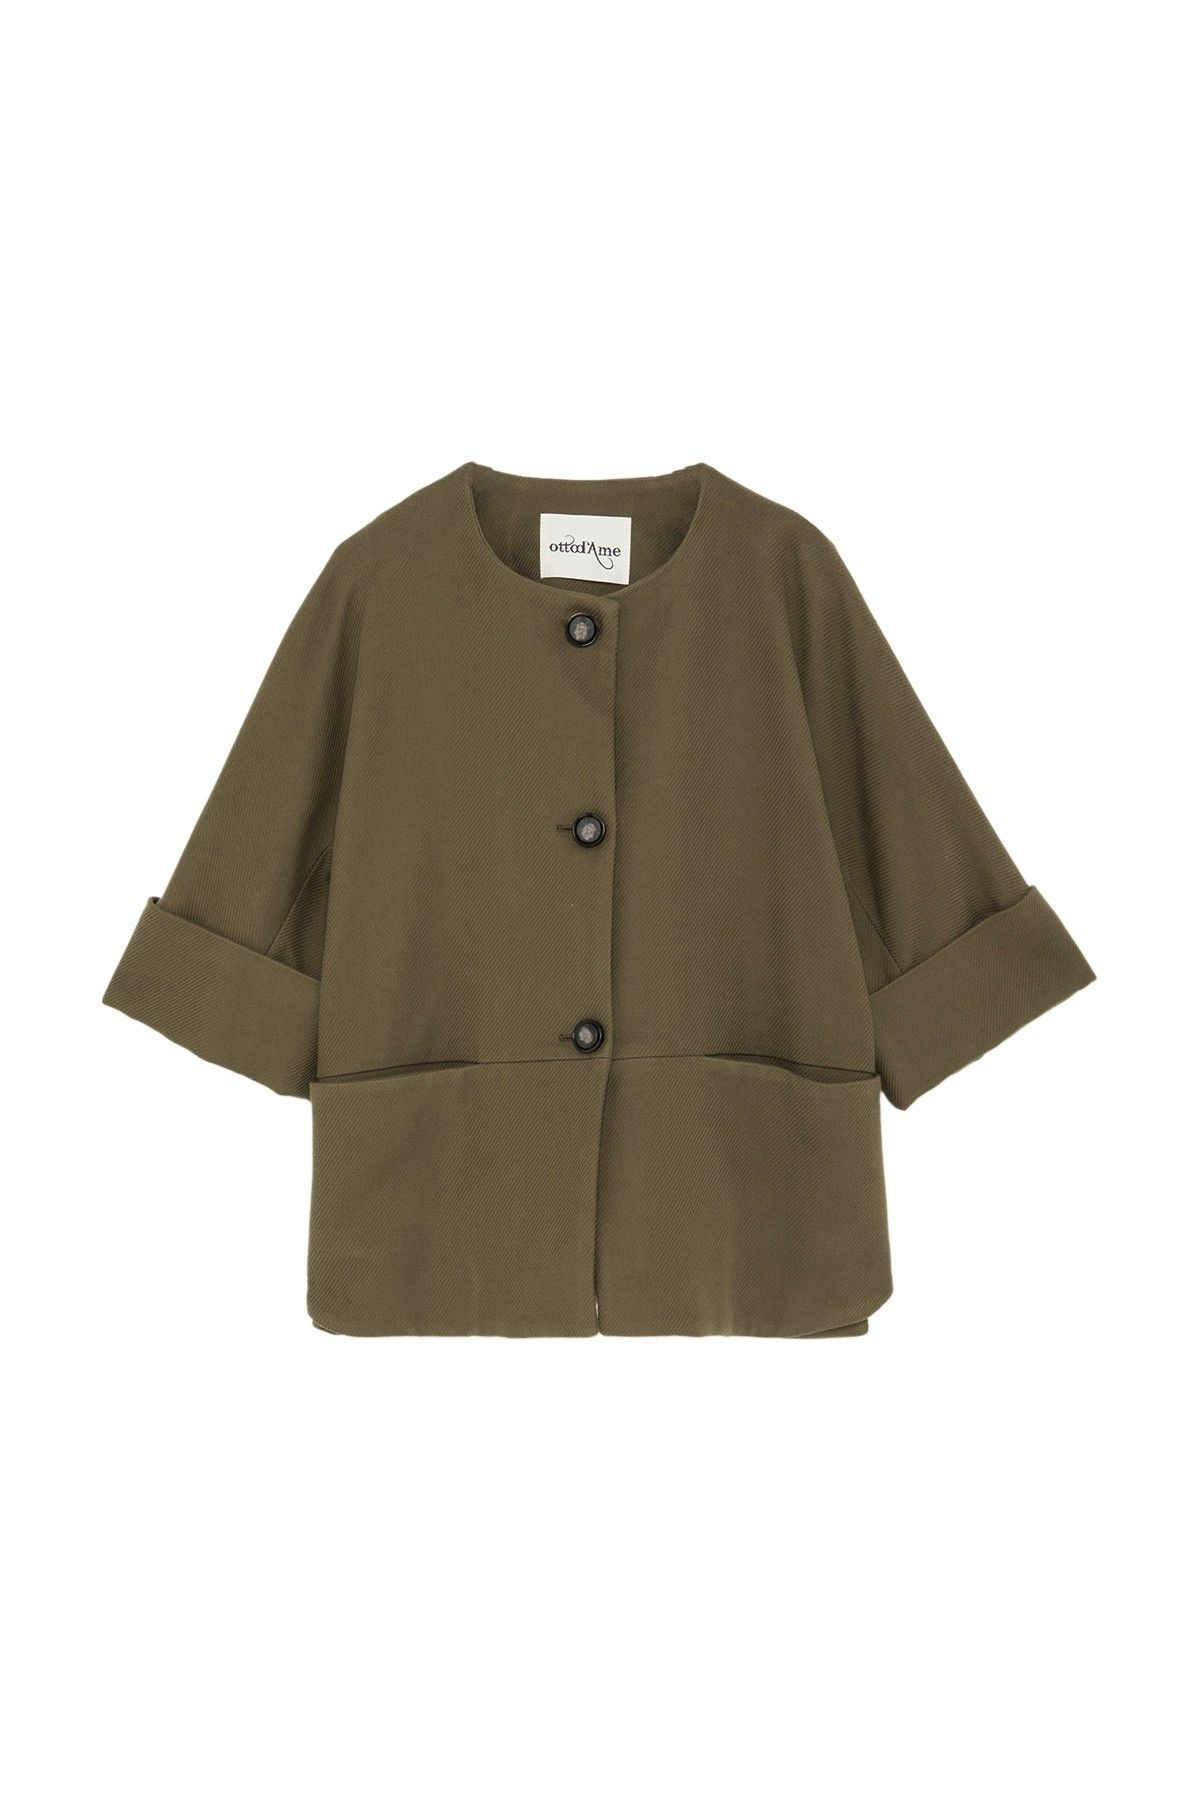 OTTOD'AME - Damen Jacke - Giacca Jacket - Olio